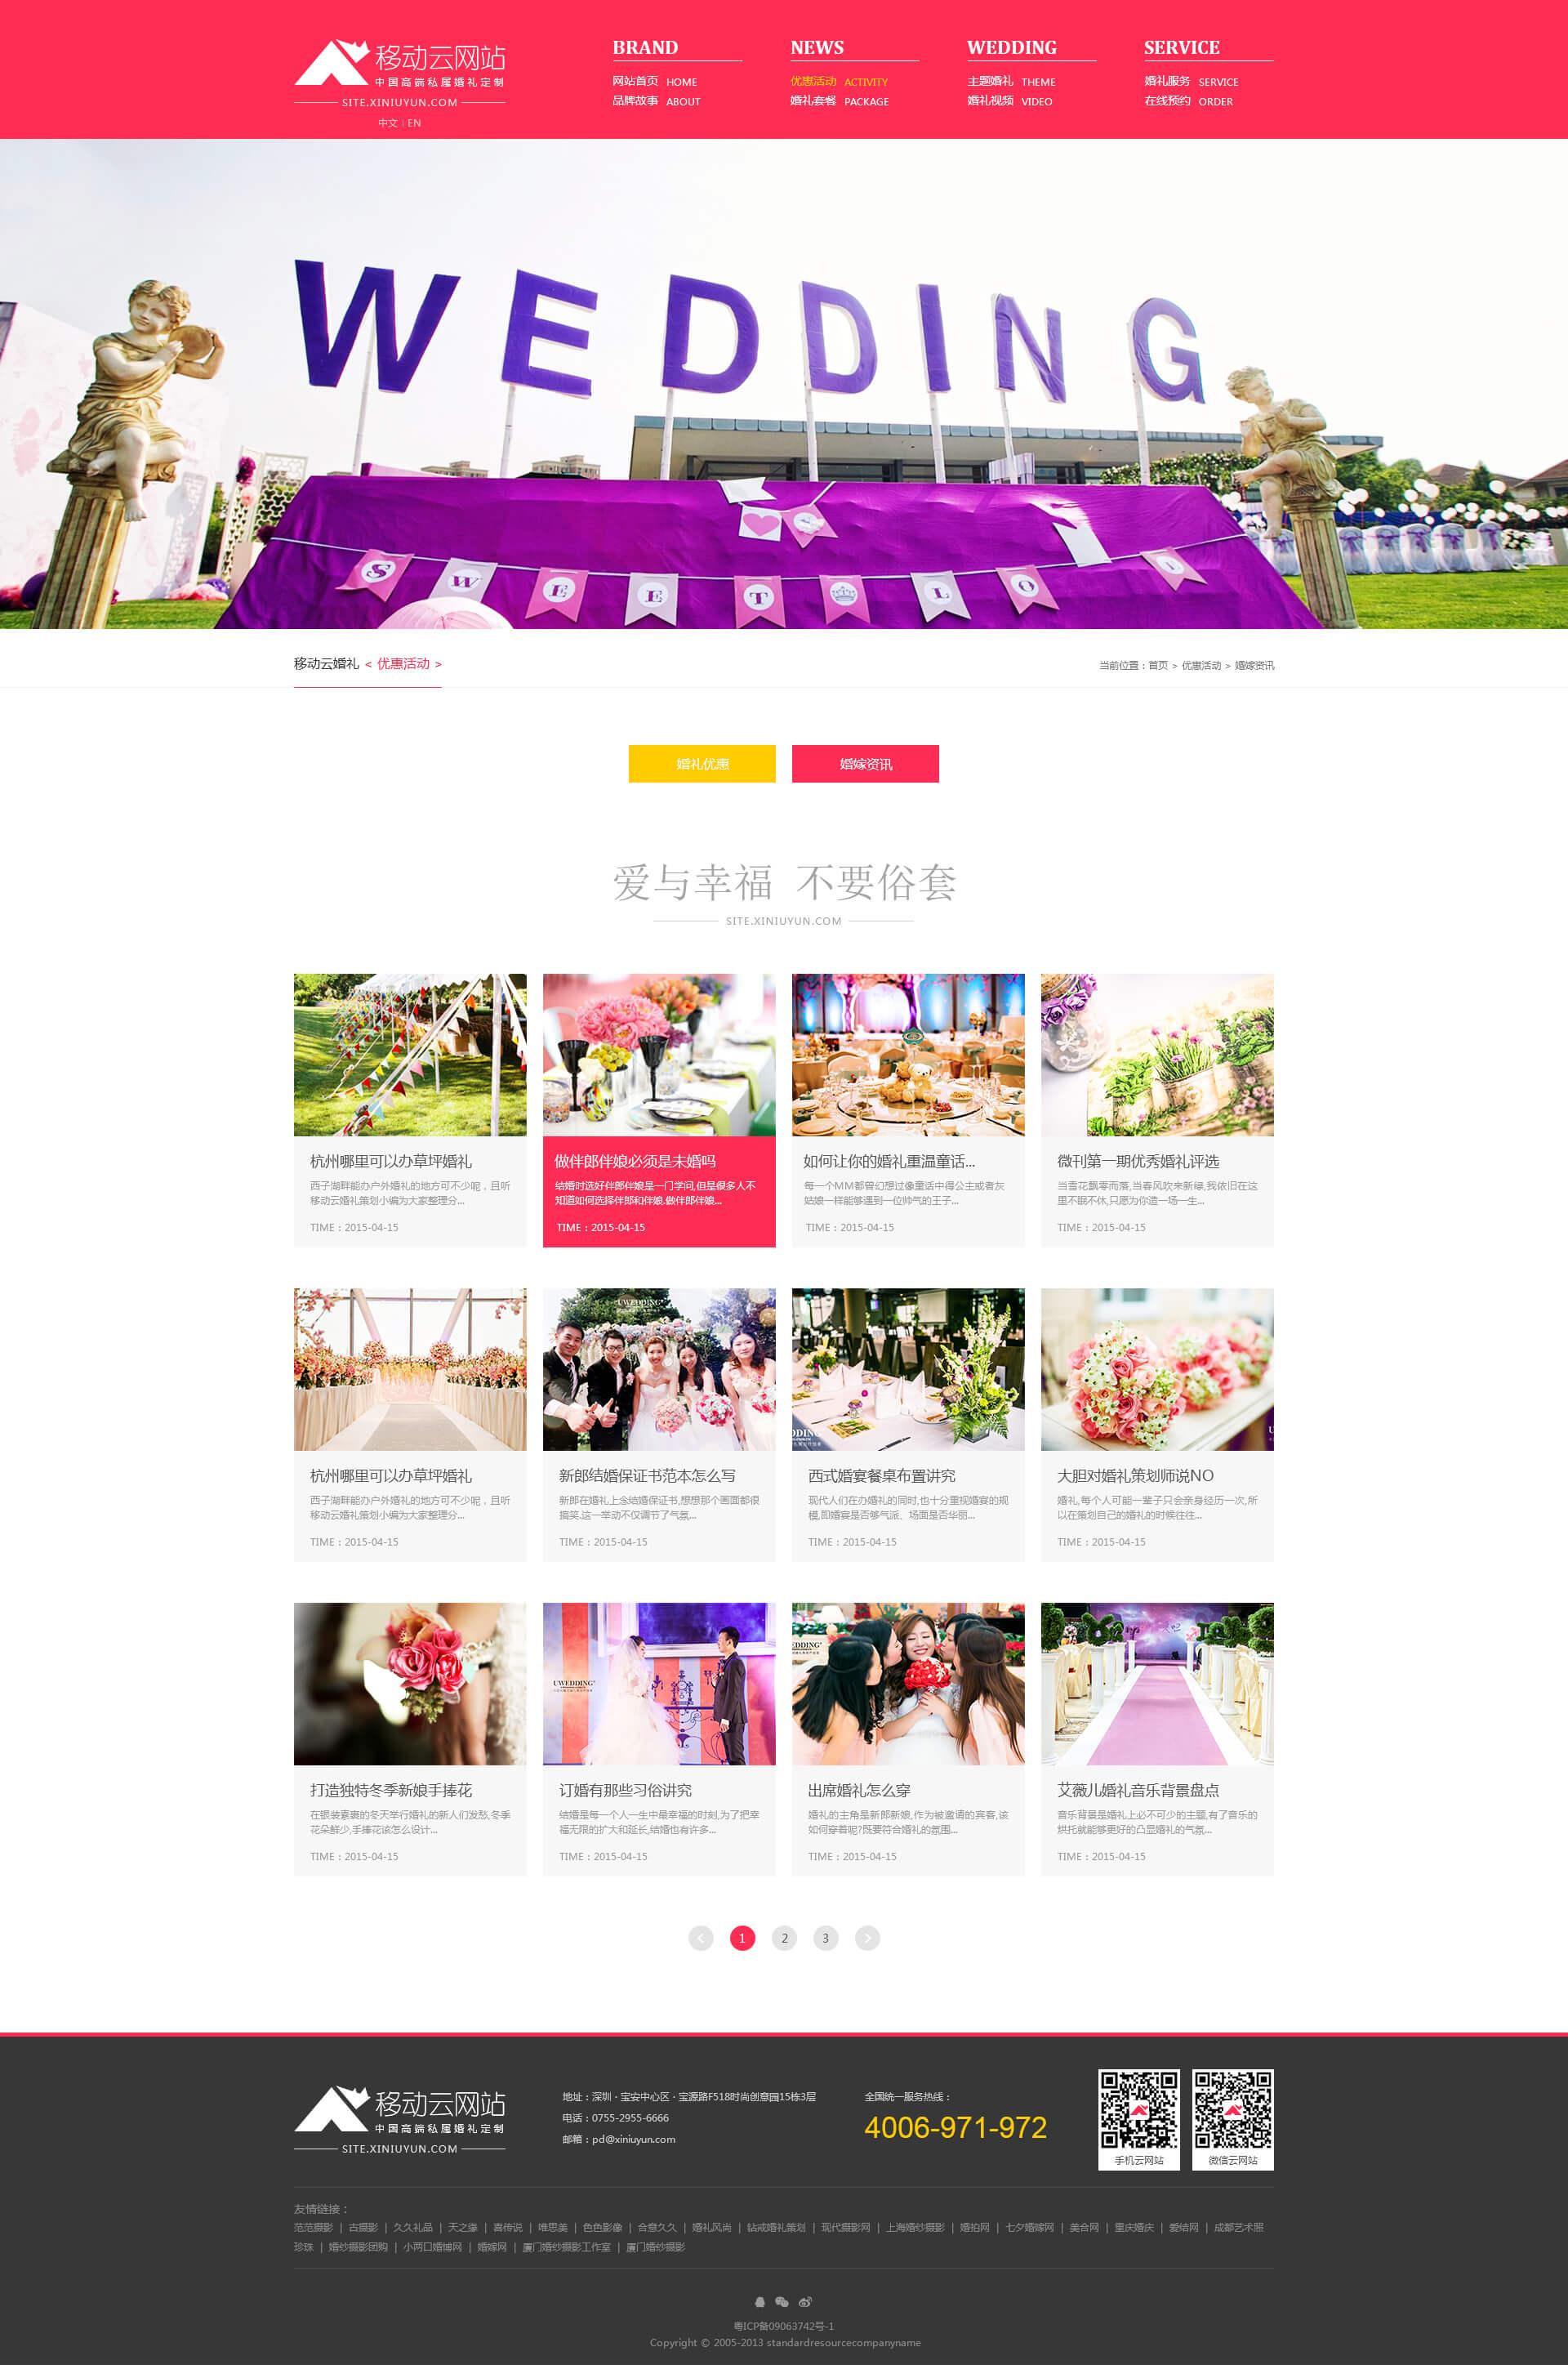 婚礼定制网站建设 婚庆公司网站建设